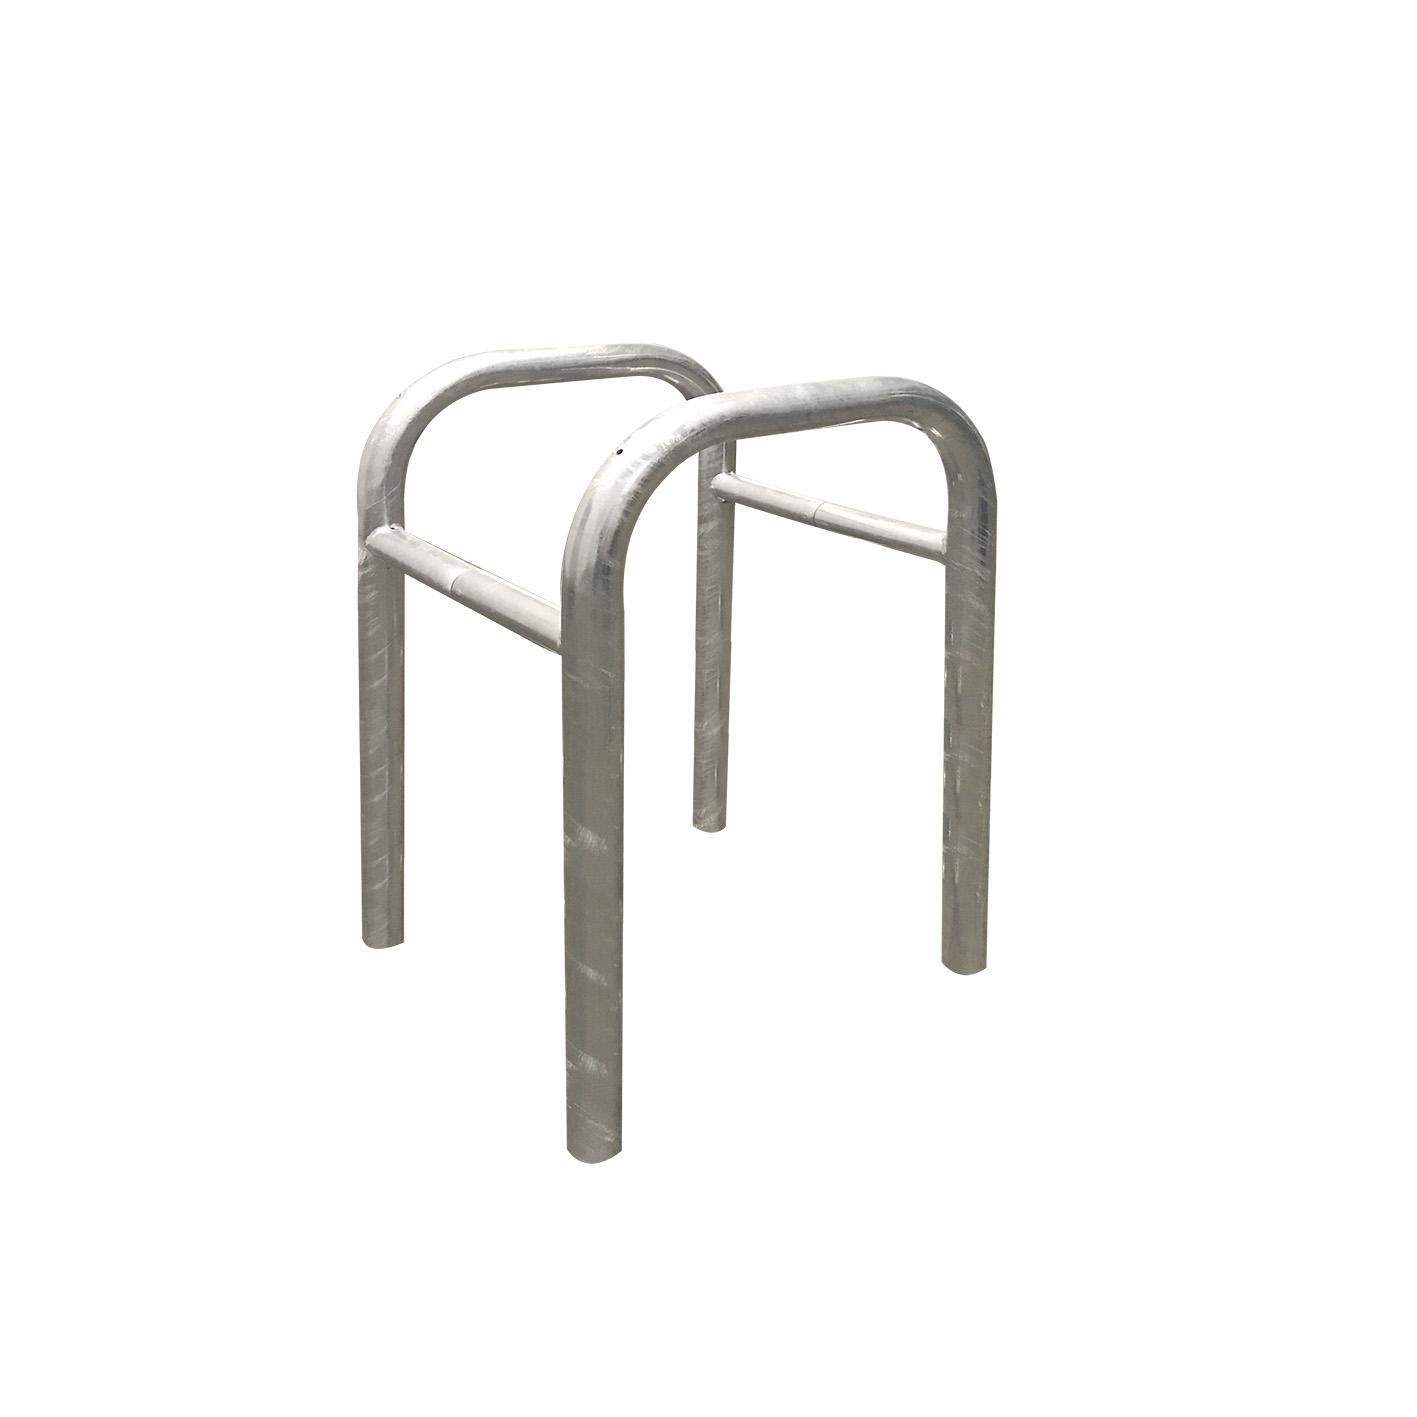 Abweisebügel, Stahlrohr Ø 60    0,4 m bis 2,5 x 1 m  bis 1,4 m